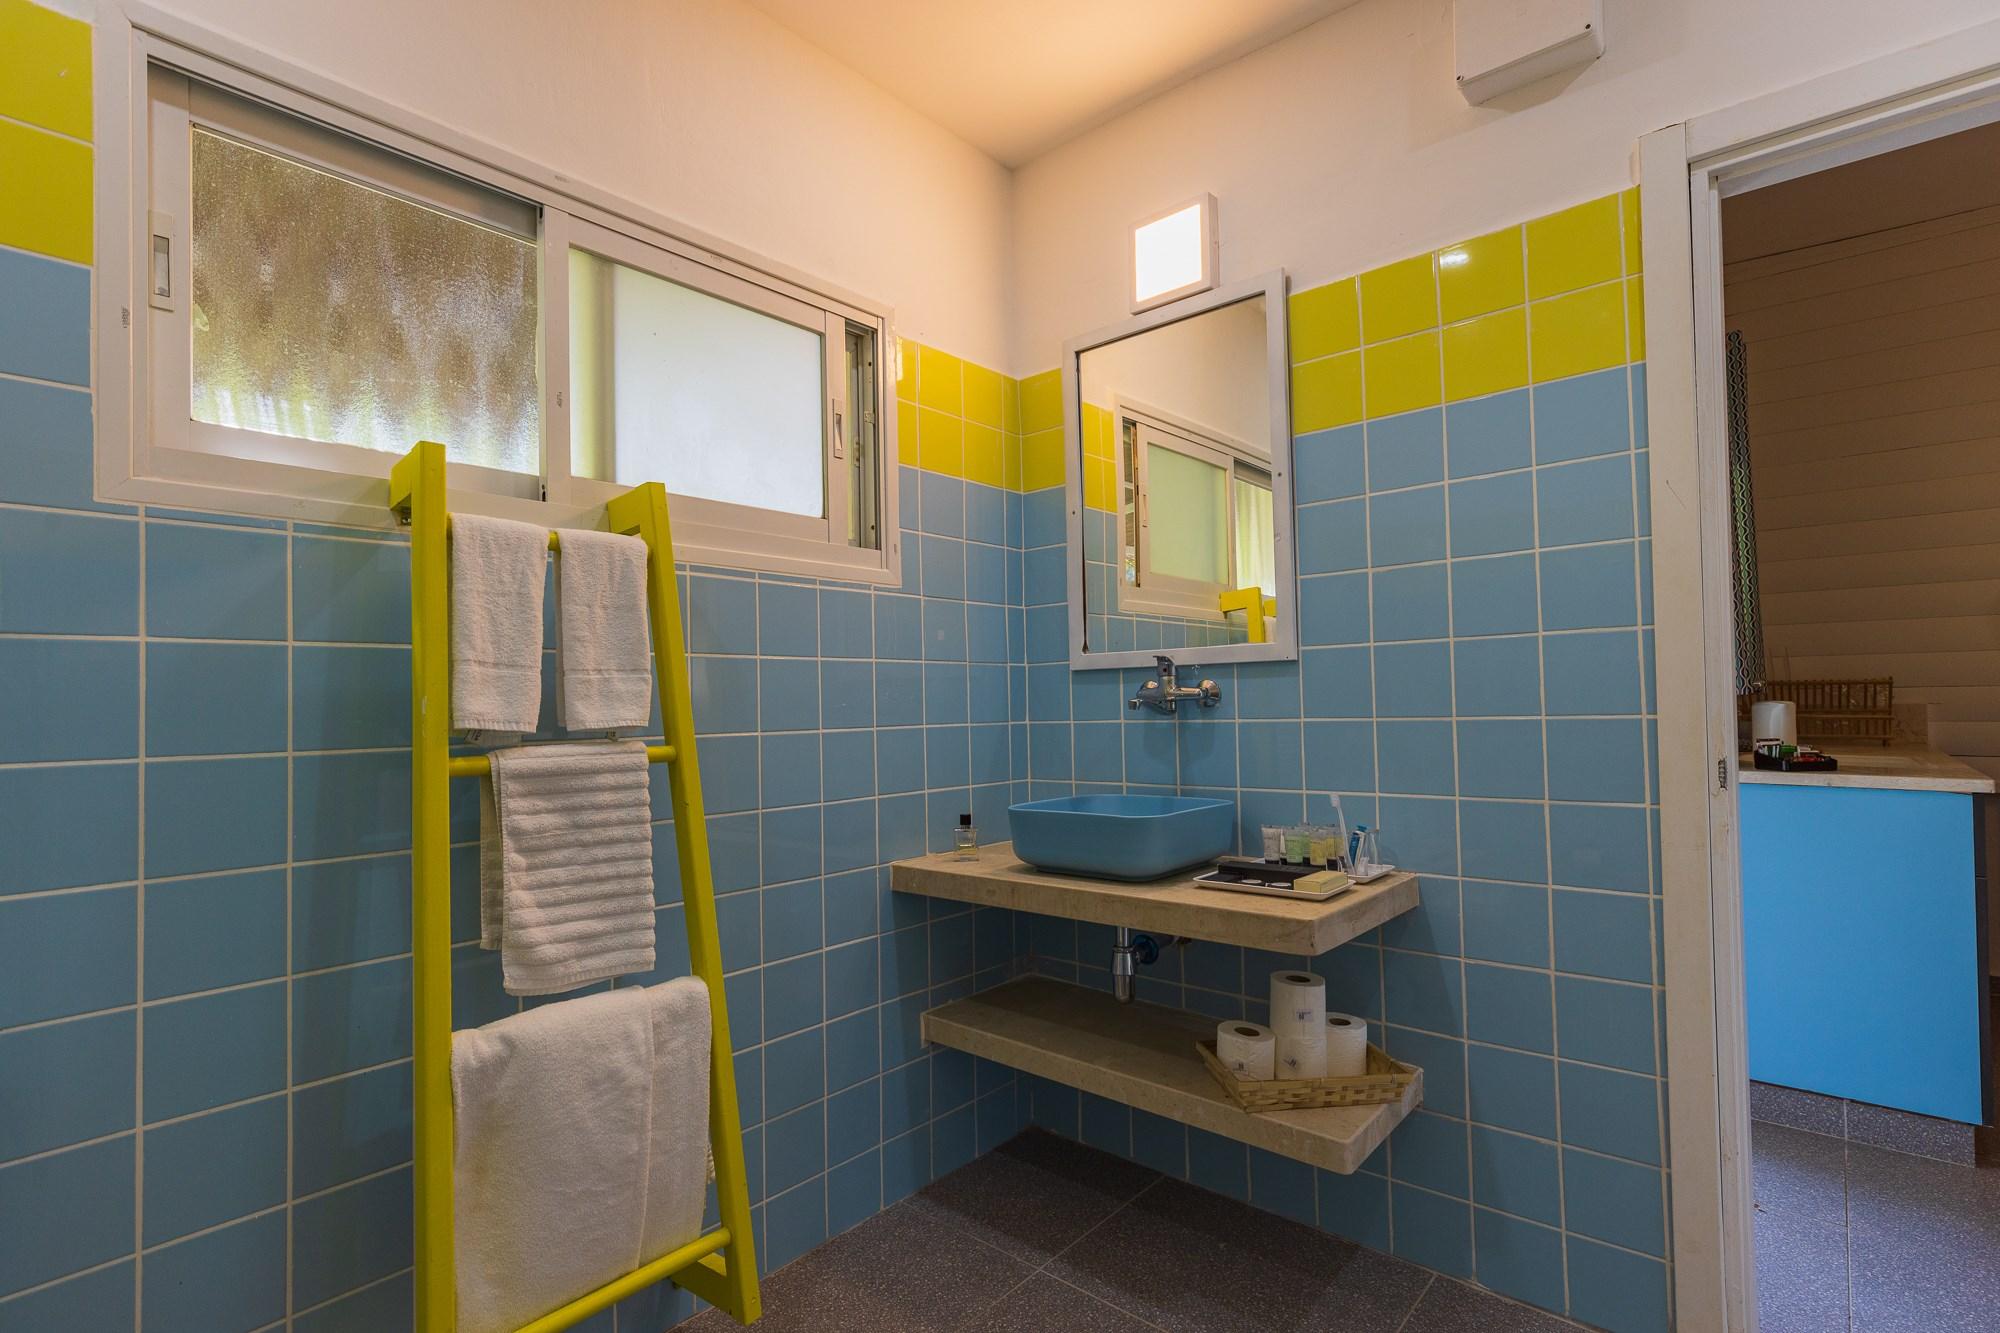 חדר אמבטיה של דירות הקיבוץ